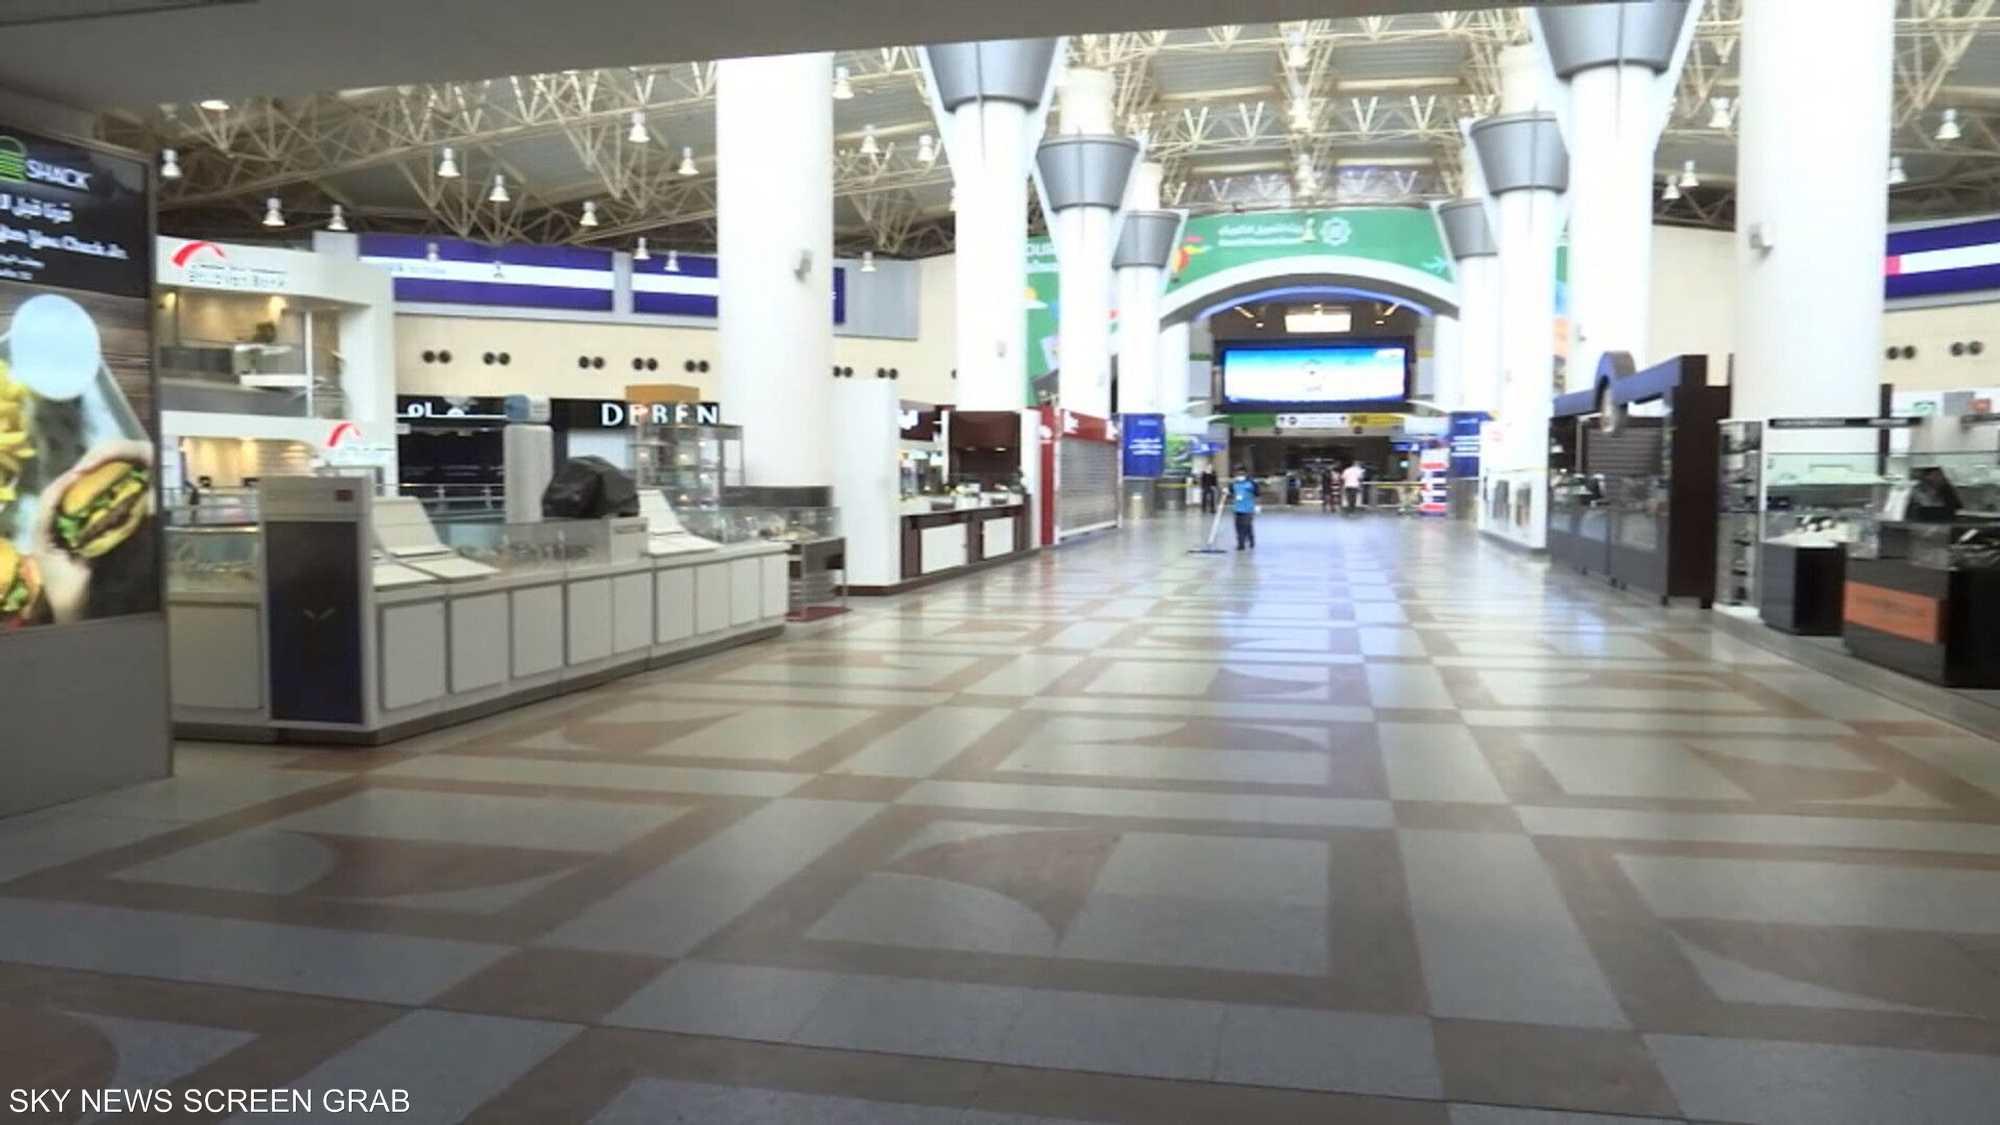 الكويت.. تدابير اقتصادية للتخفيف من آثار كورونا